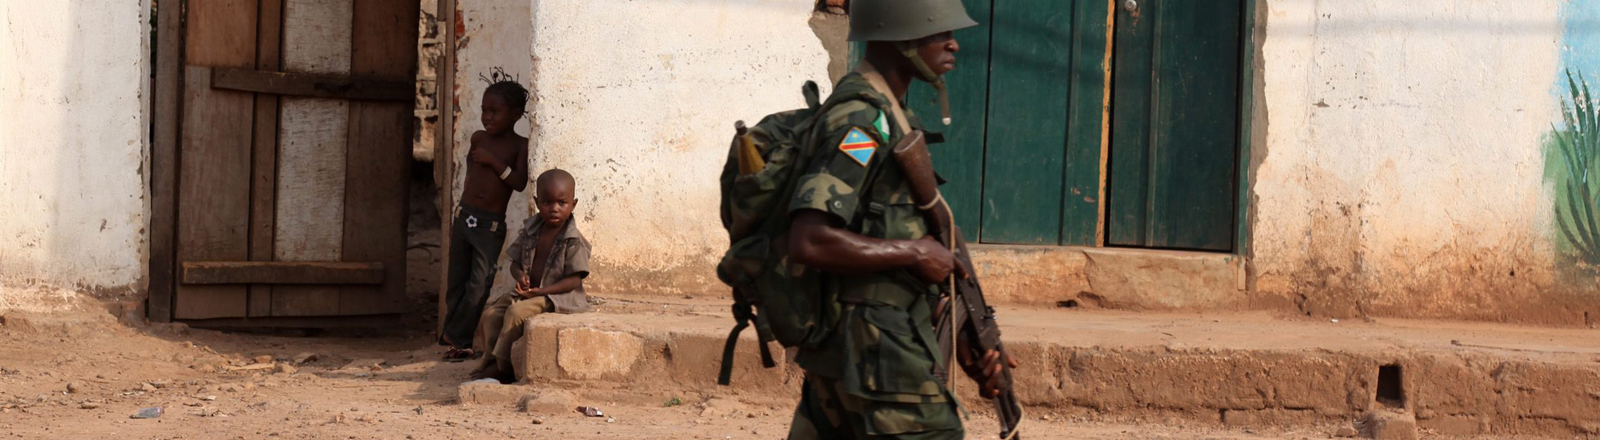 Ein Soldat der kongolesischen Armee in der zentralafrikanischen Stadt Bangui.